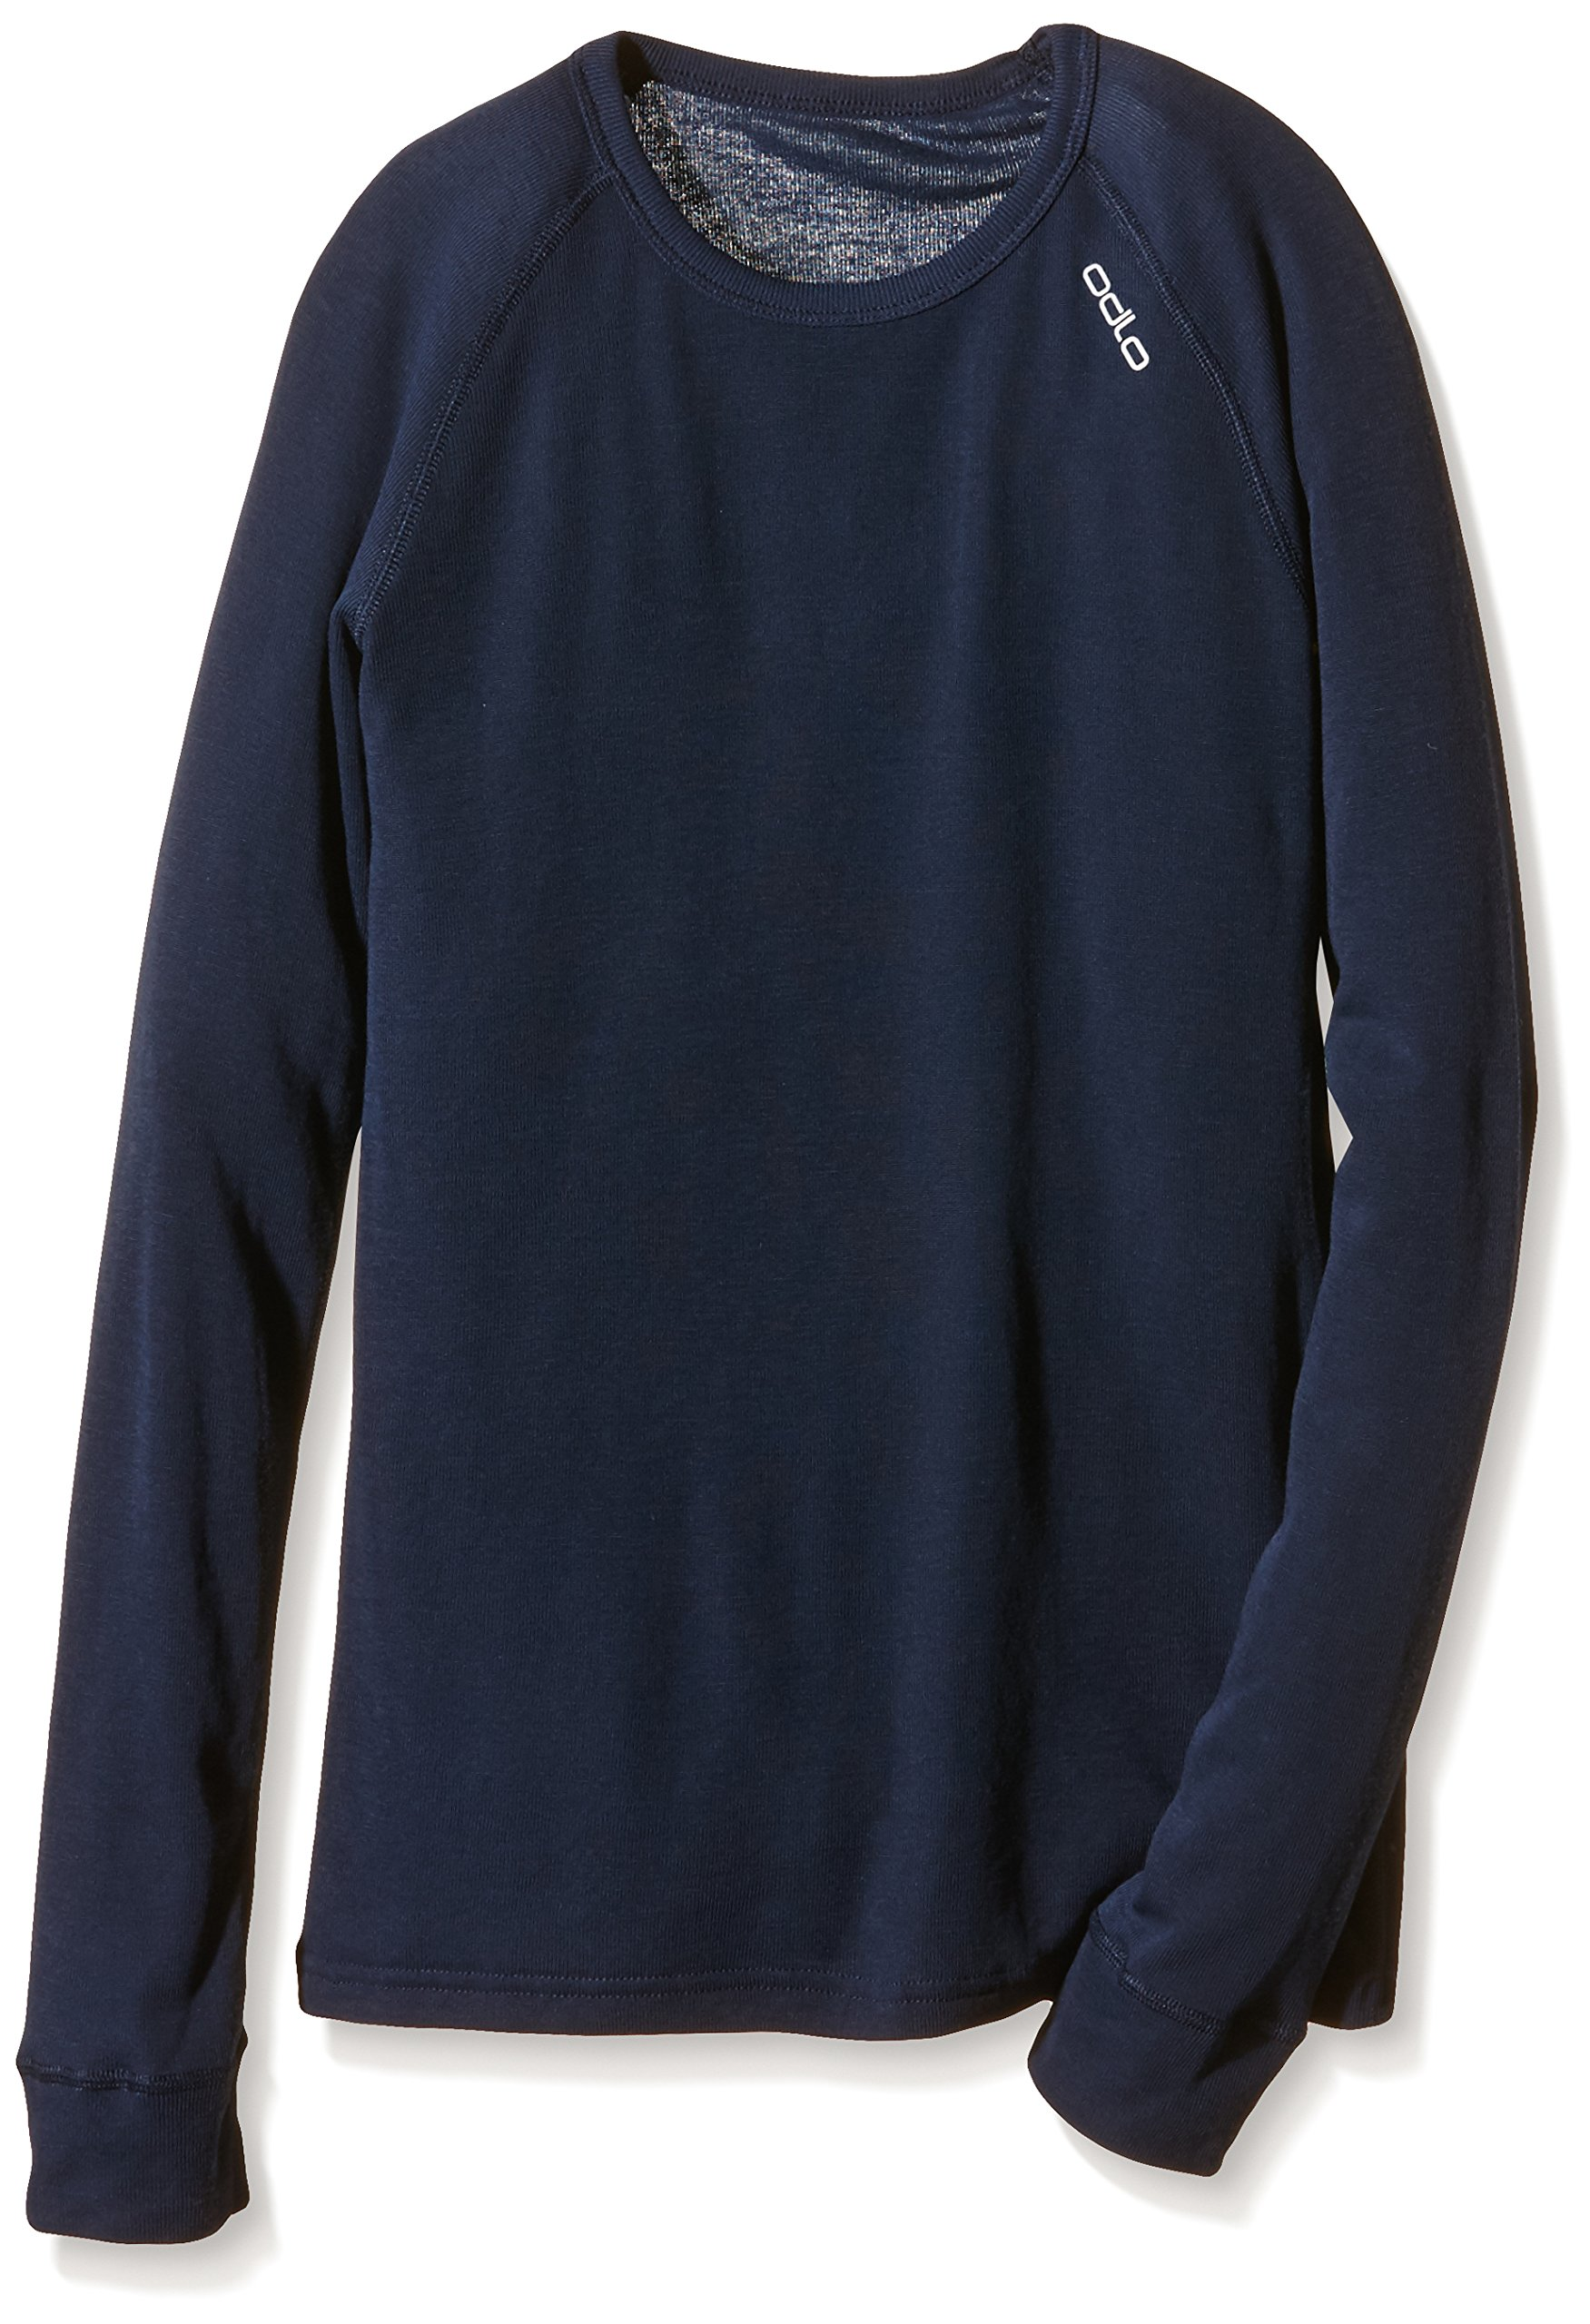 Odlo 20900 - Maglietta Termica Maniche Lunghe Junior